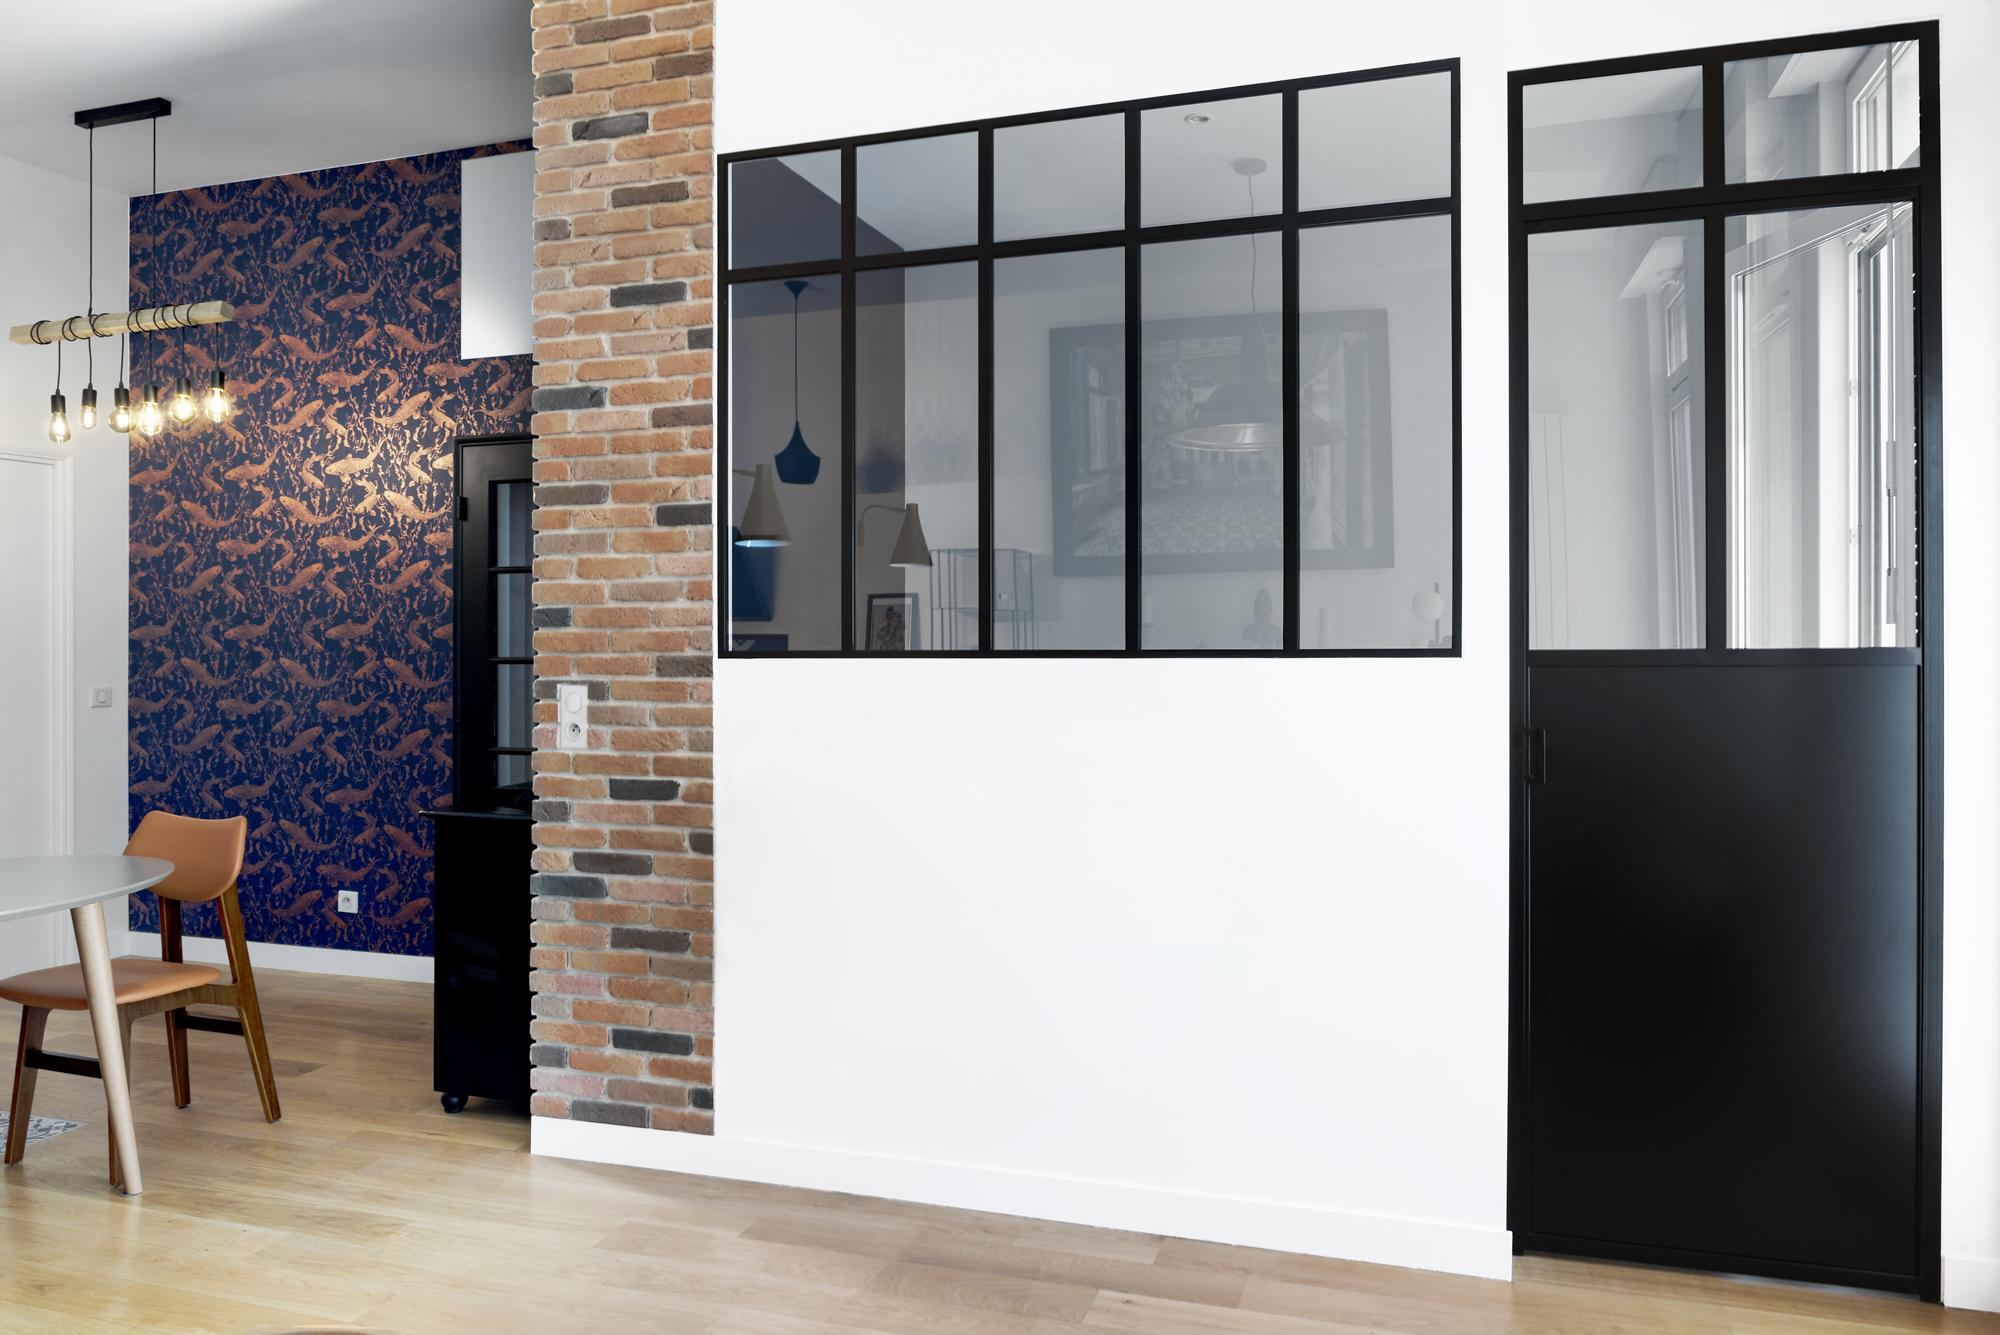 Architecte Interieur Paris Petite Surface sweet home paris | entreprise de rénovation d'appartement et